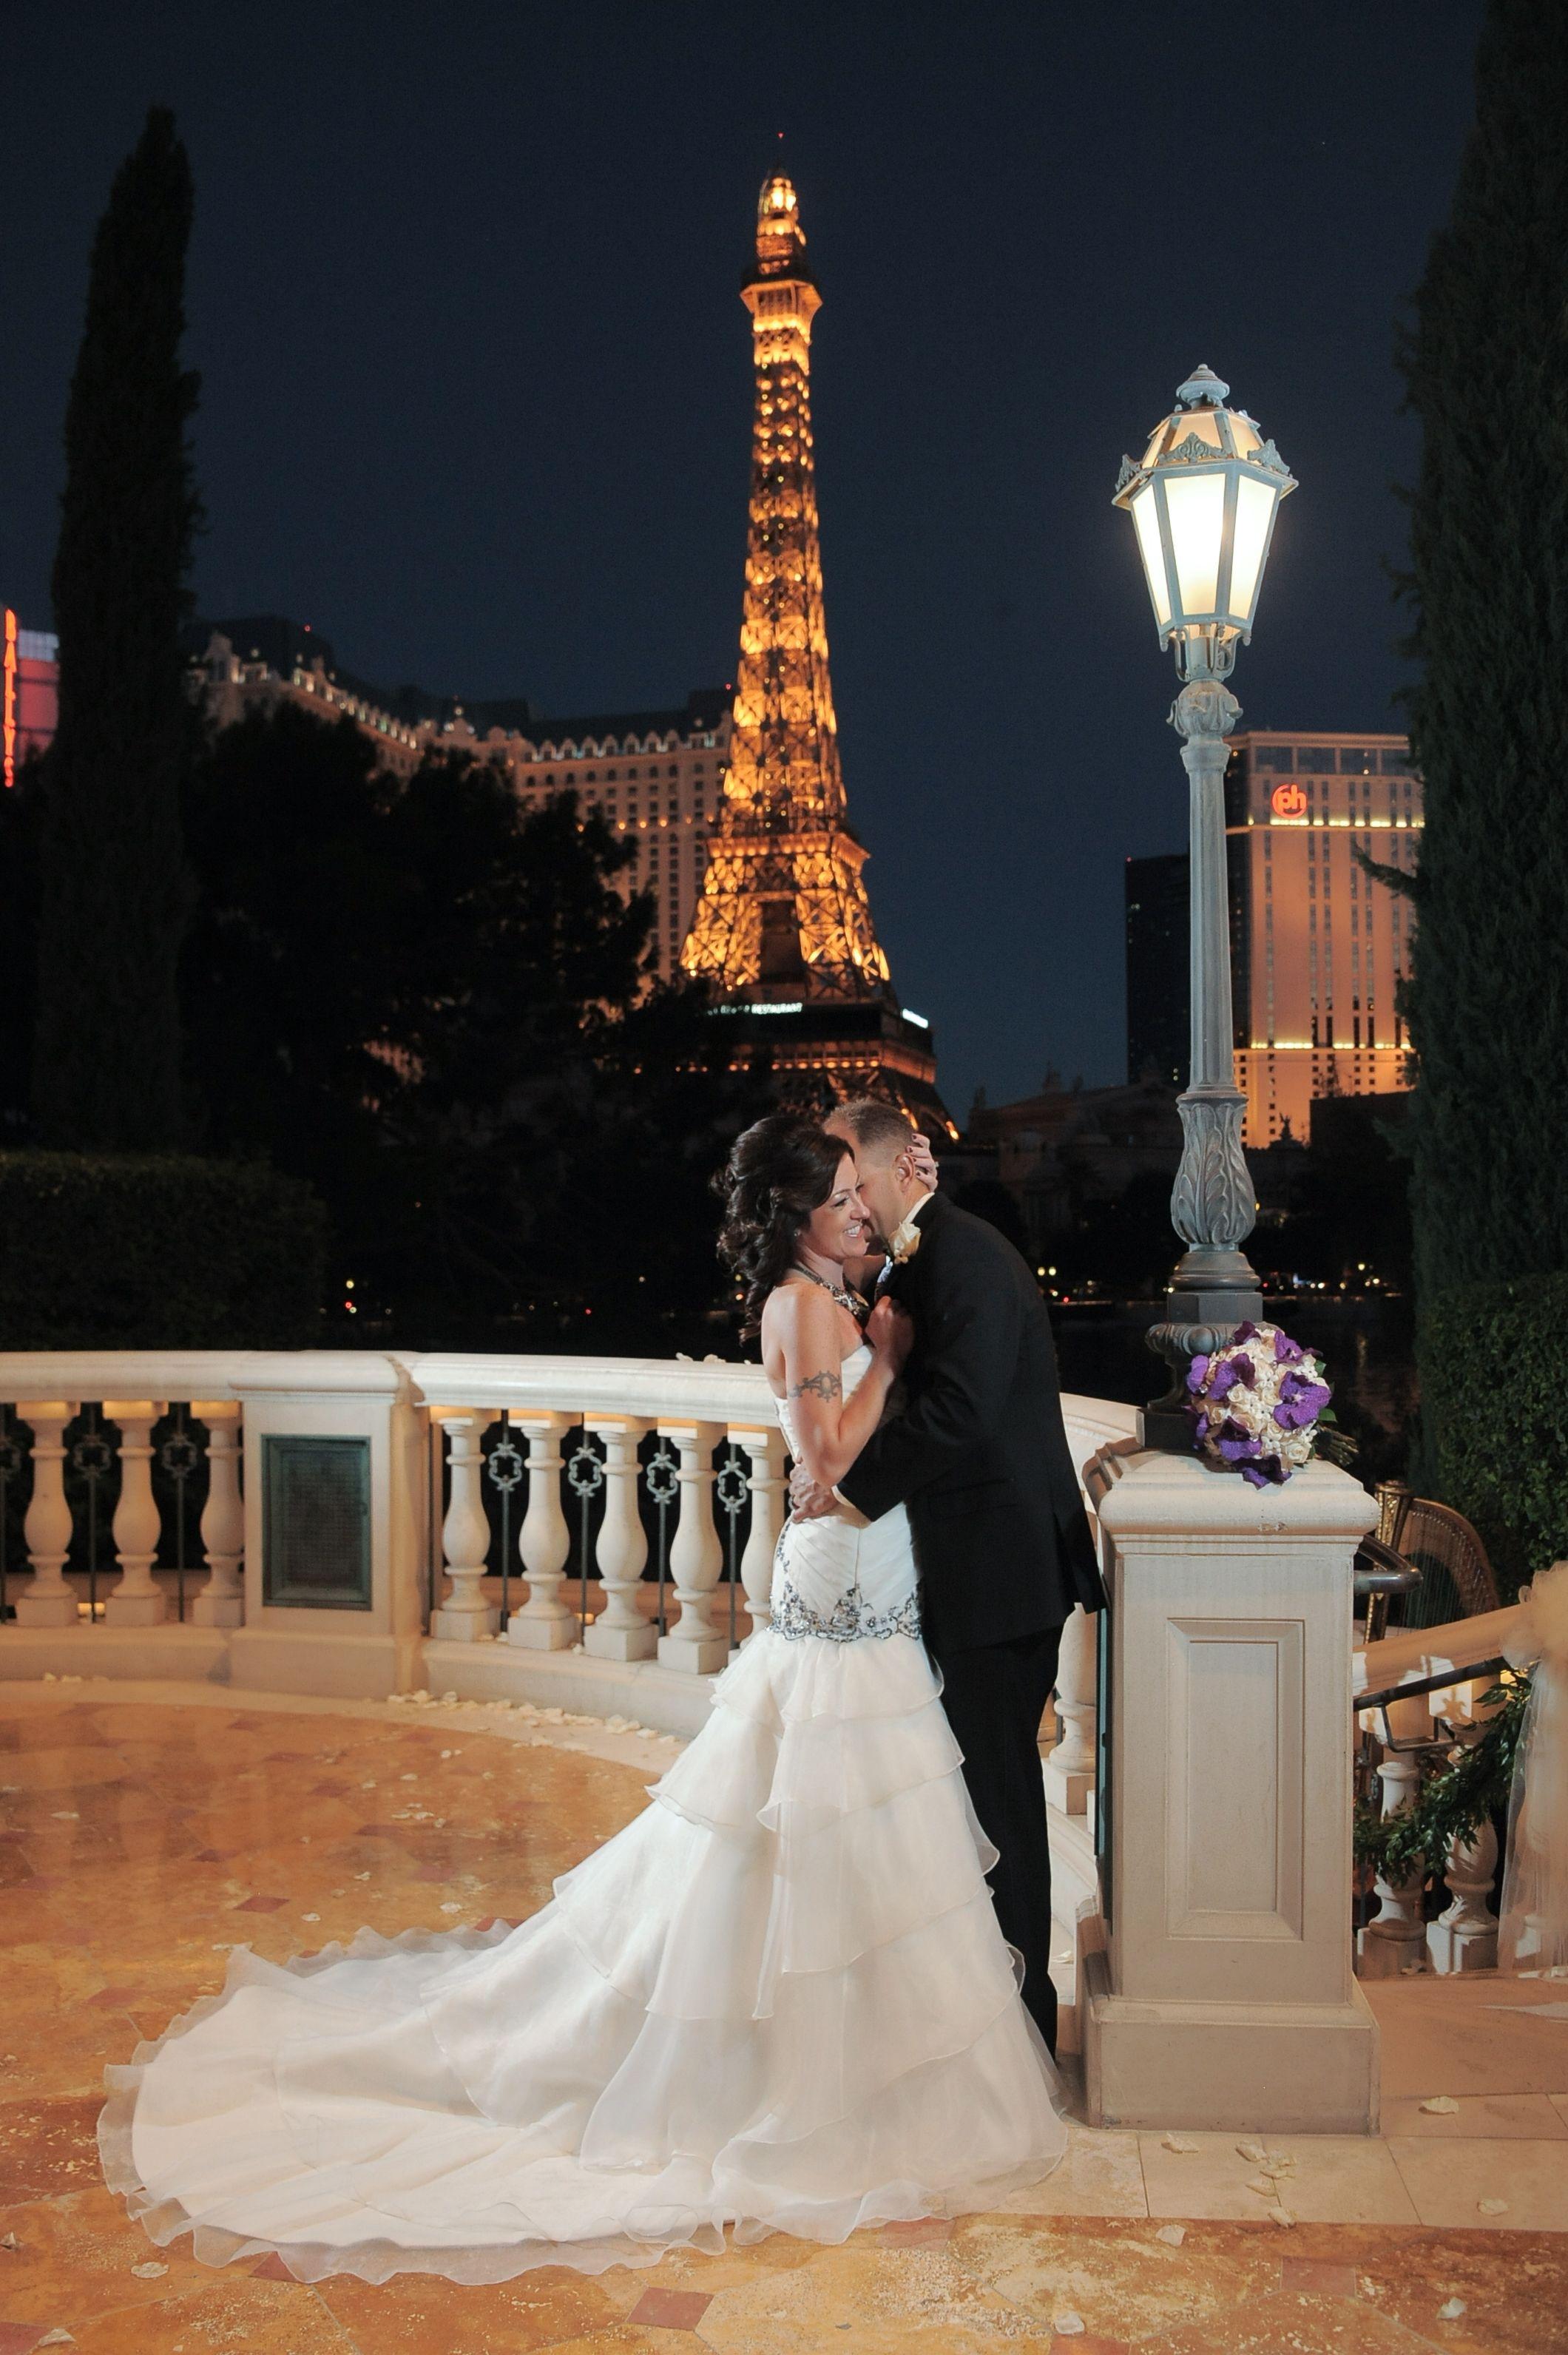 Pin By Sandy Wantuch On Bellagio Weddings Vegas Wedding Las Vegas Wedding Photos Las Vegas Weddings